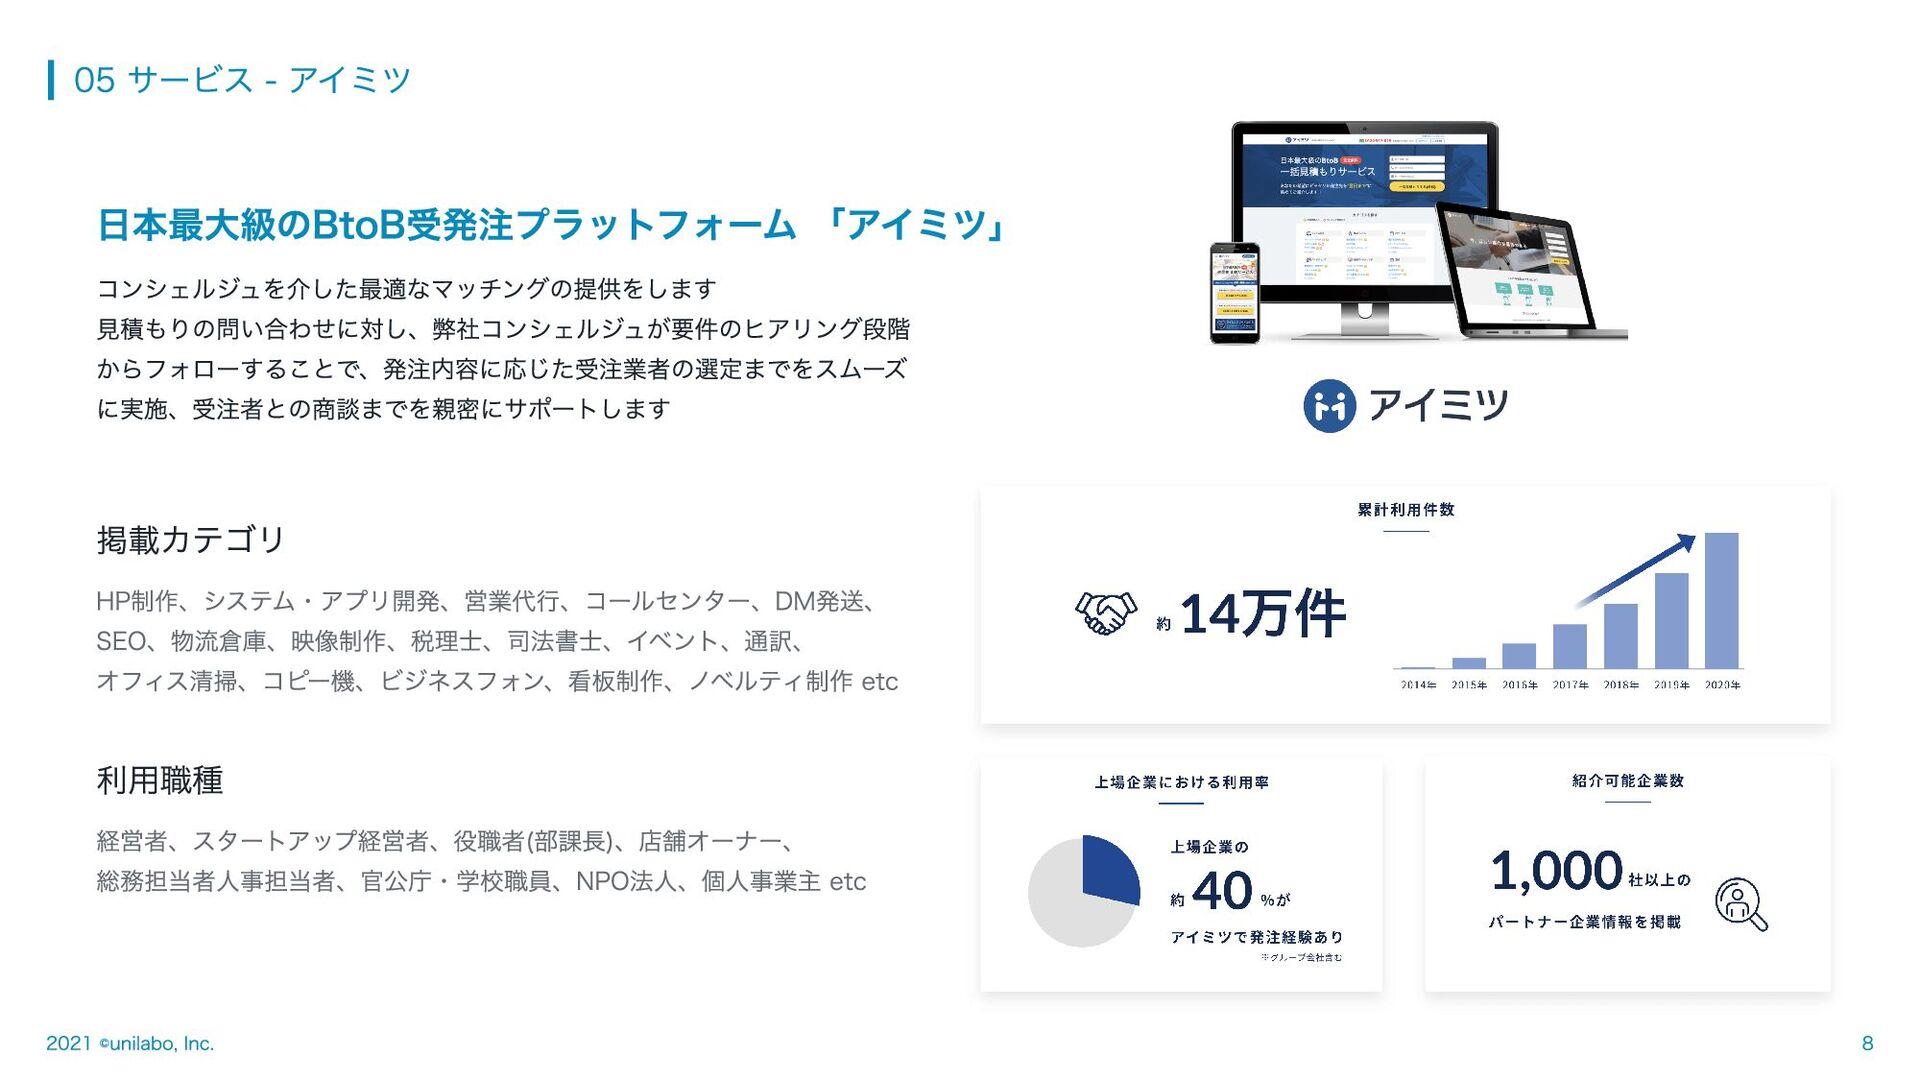 サービス  日本最大級のBtoB受発注プラットフォーム 「アイミツ」   特徴  ...